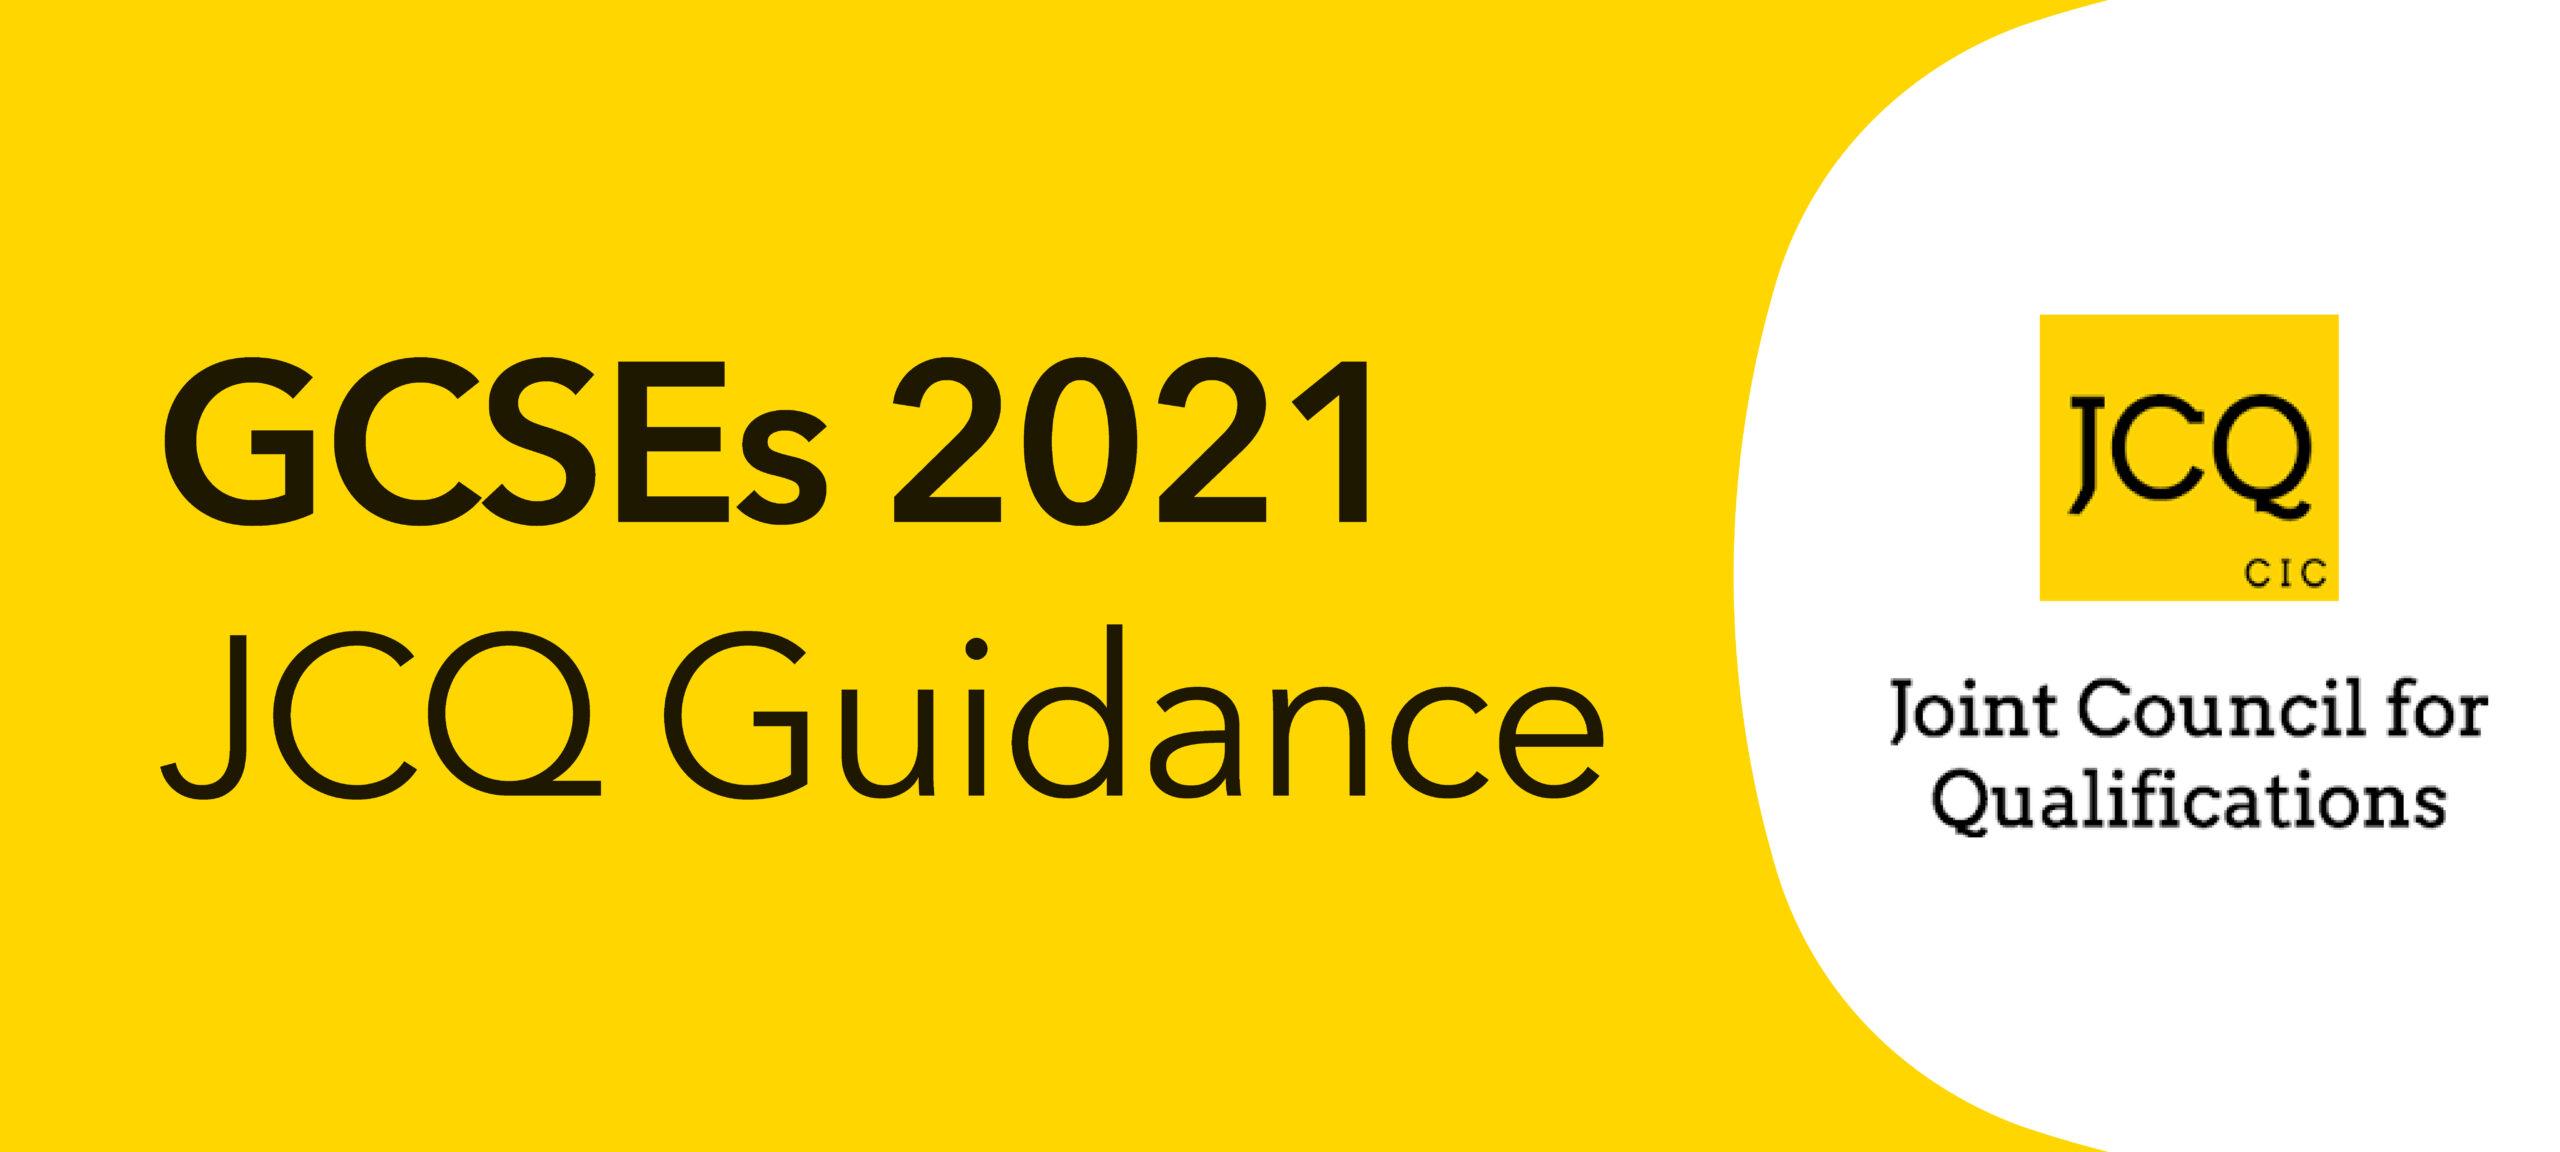 Summer GCSE 2021 JCQ Guidance